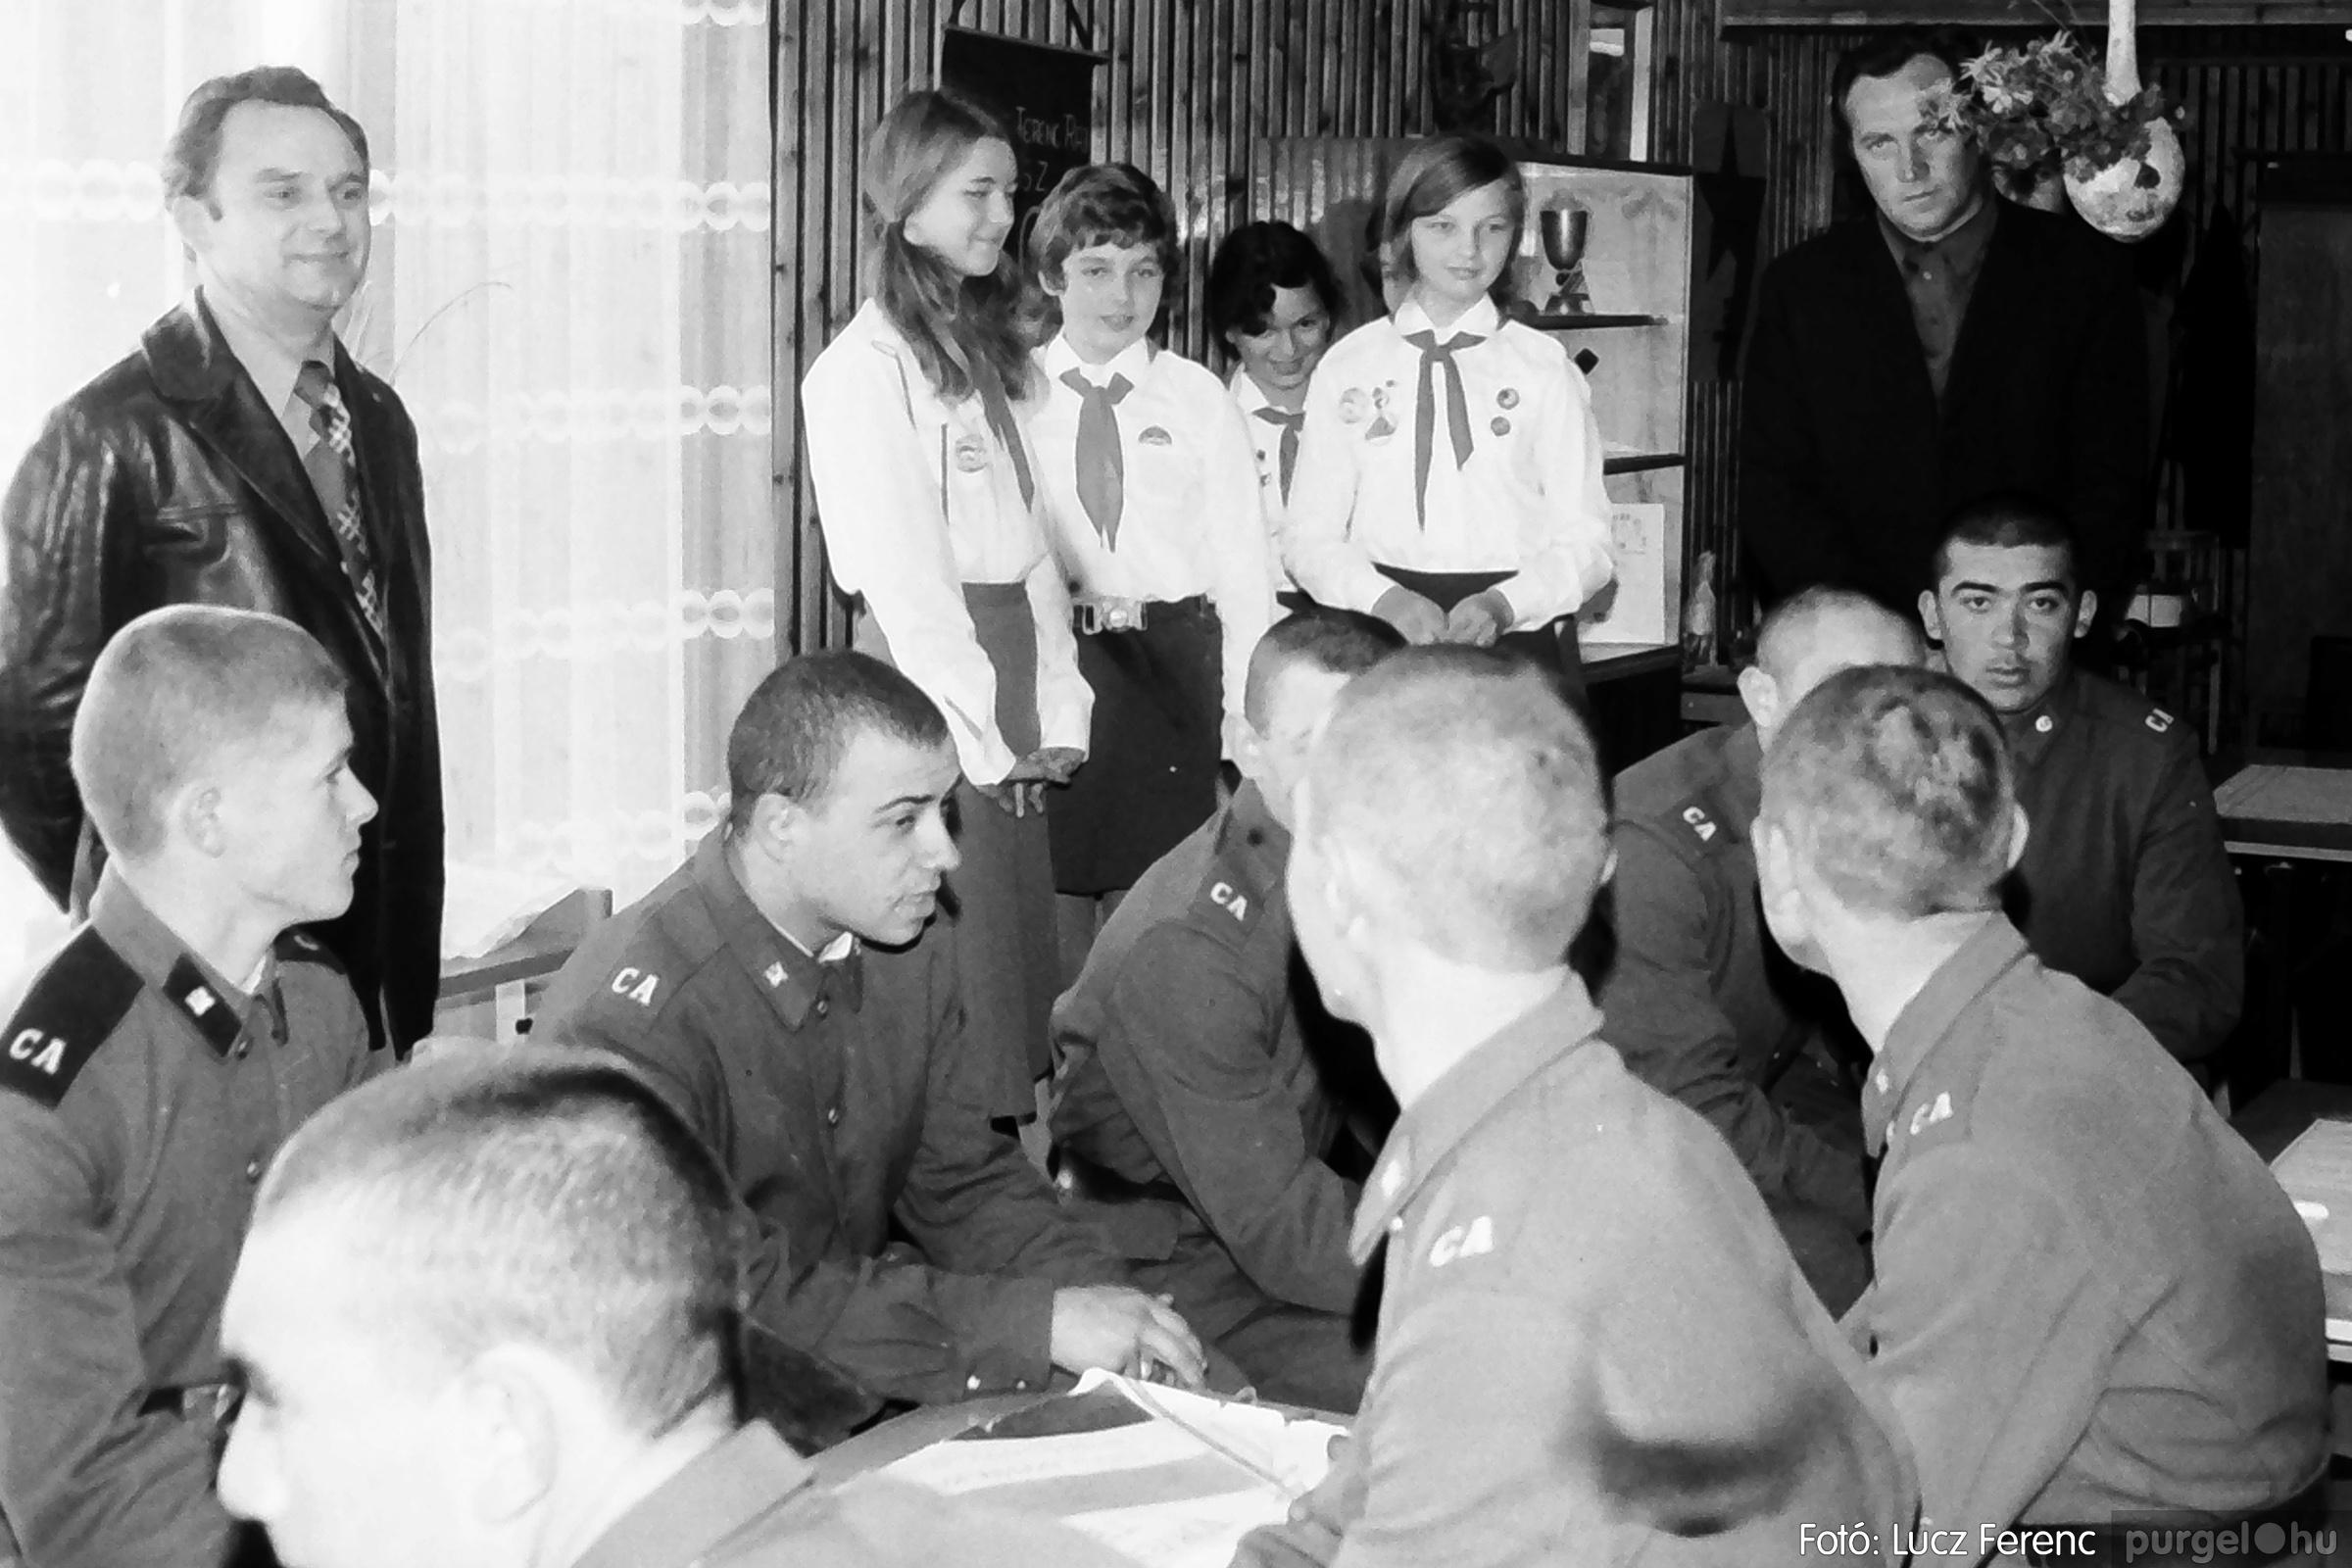 093. 1977. Szovjet katonák látogatása a nagy októberi szocialista forradalom 60. évfordulóján 008. - Fotó: Lucz Ferenc.jpg